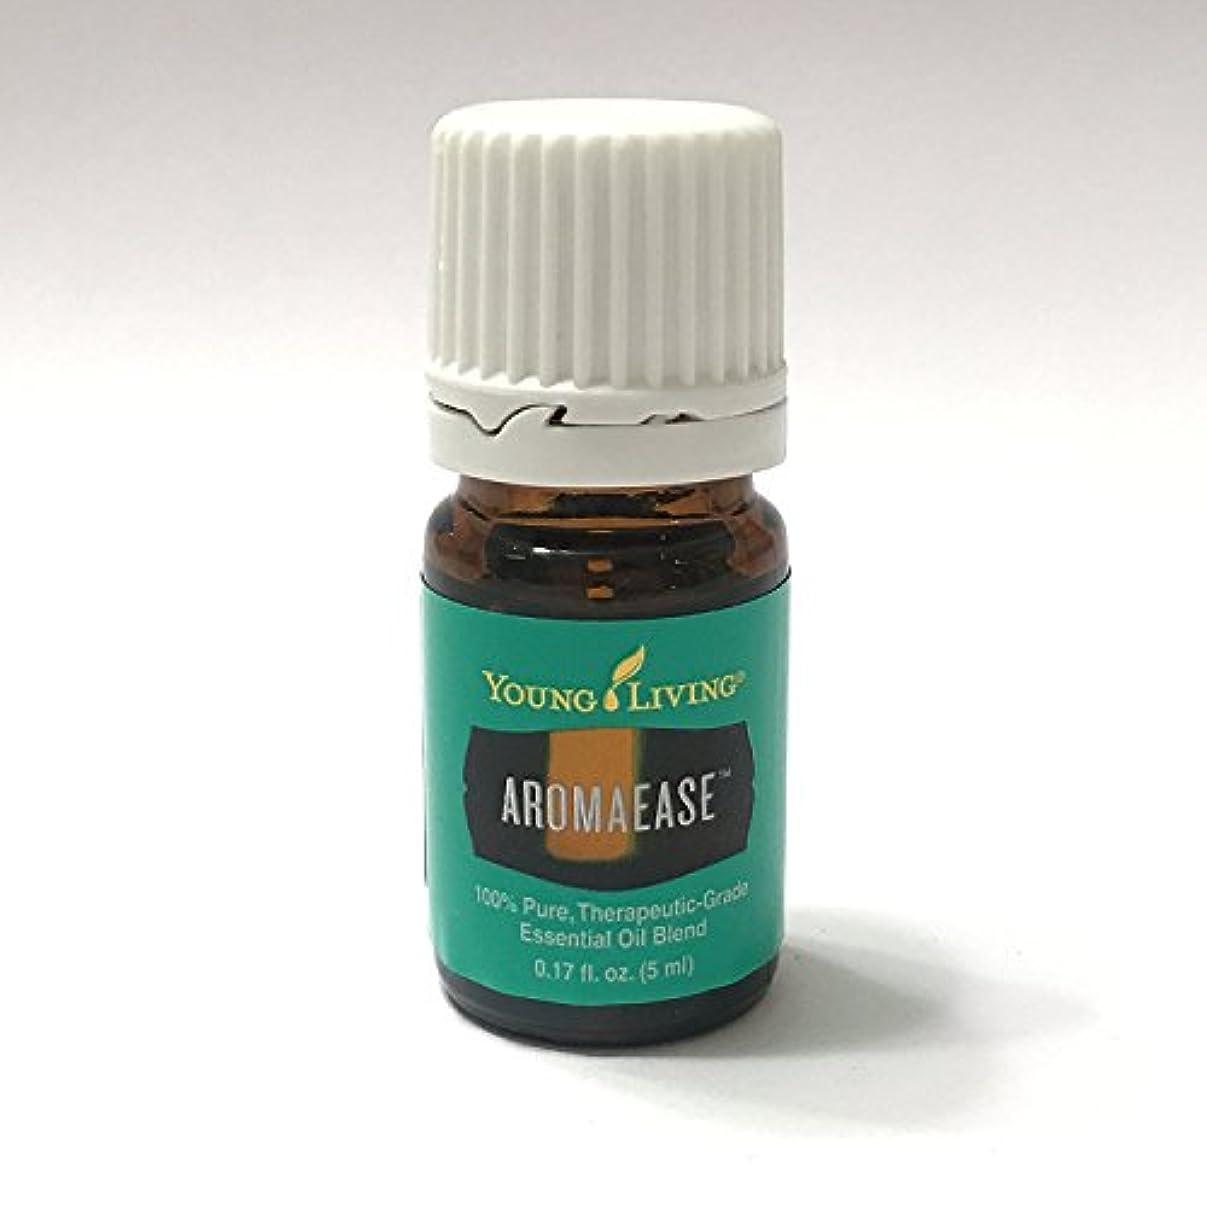 バリア黒板ファランクスYoung Living aromaease 5ミリリットル(アロマ使いやす)エッセンシャルオイルエッセンシャルオイル